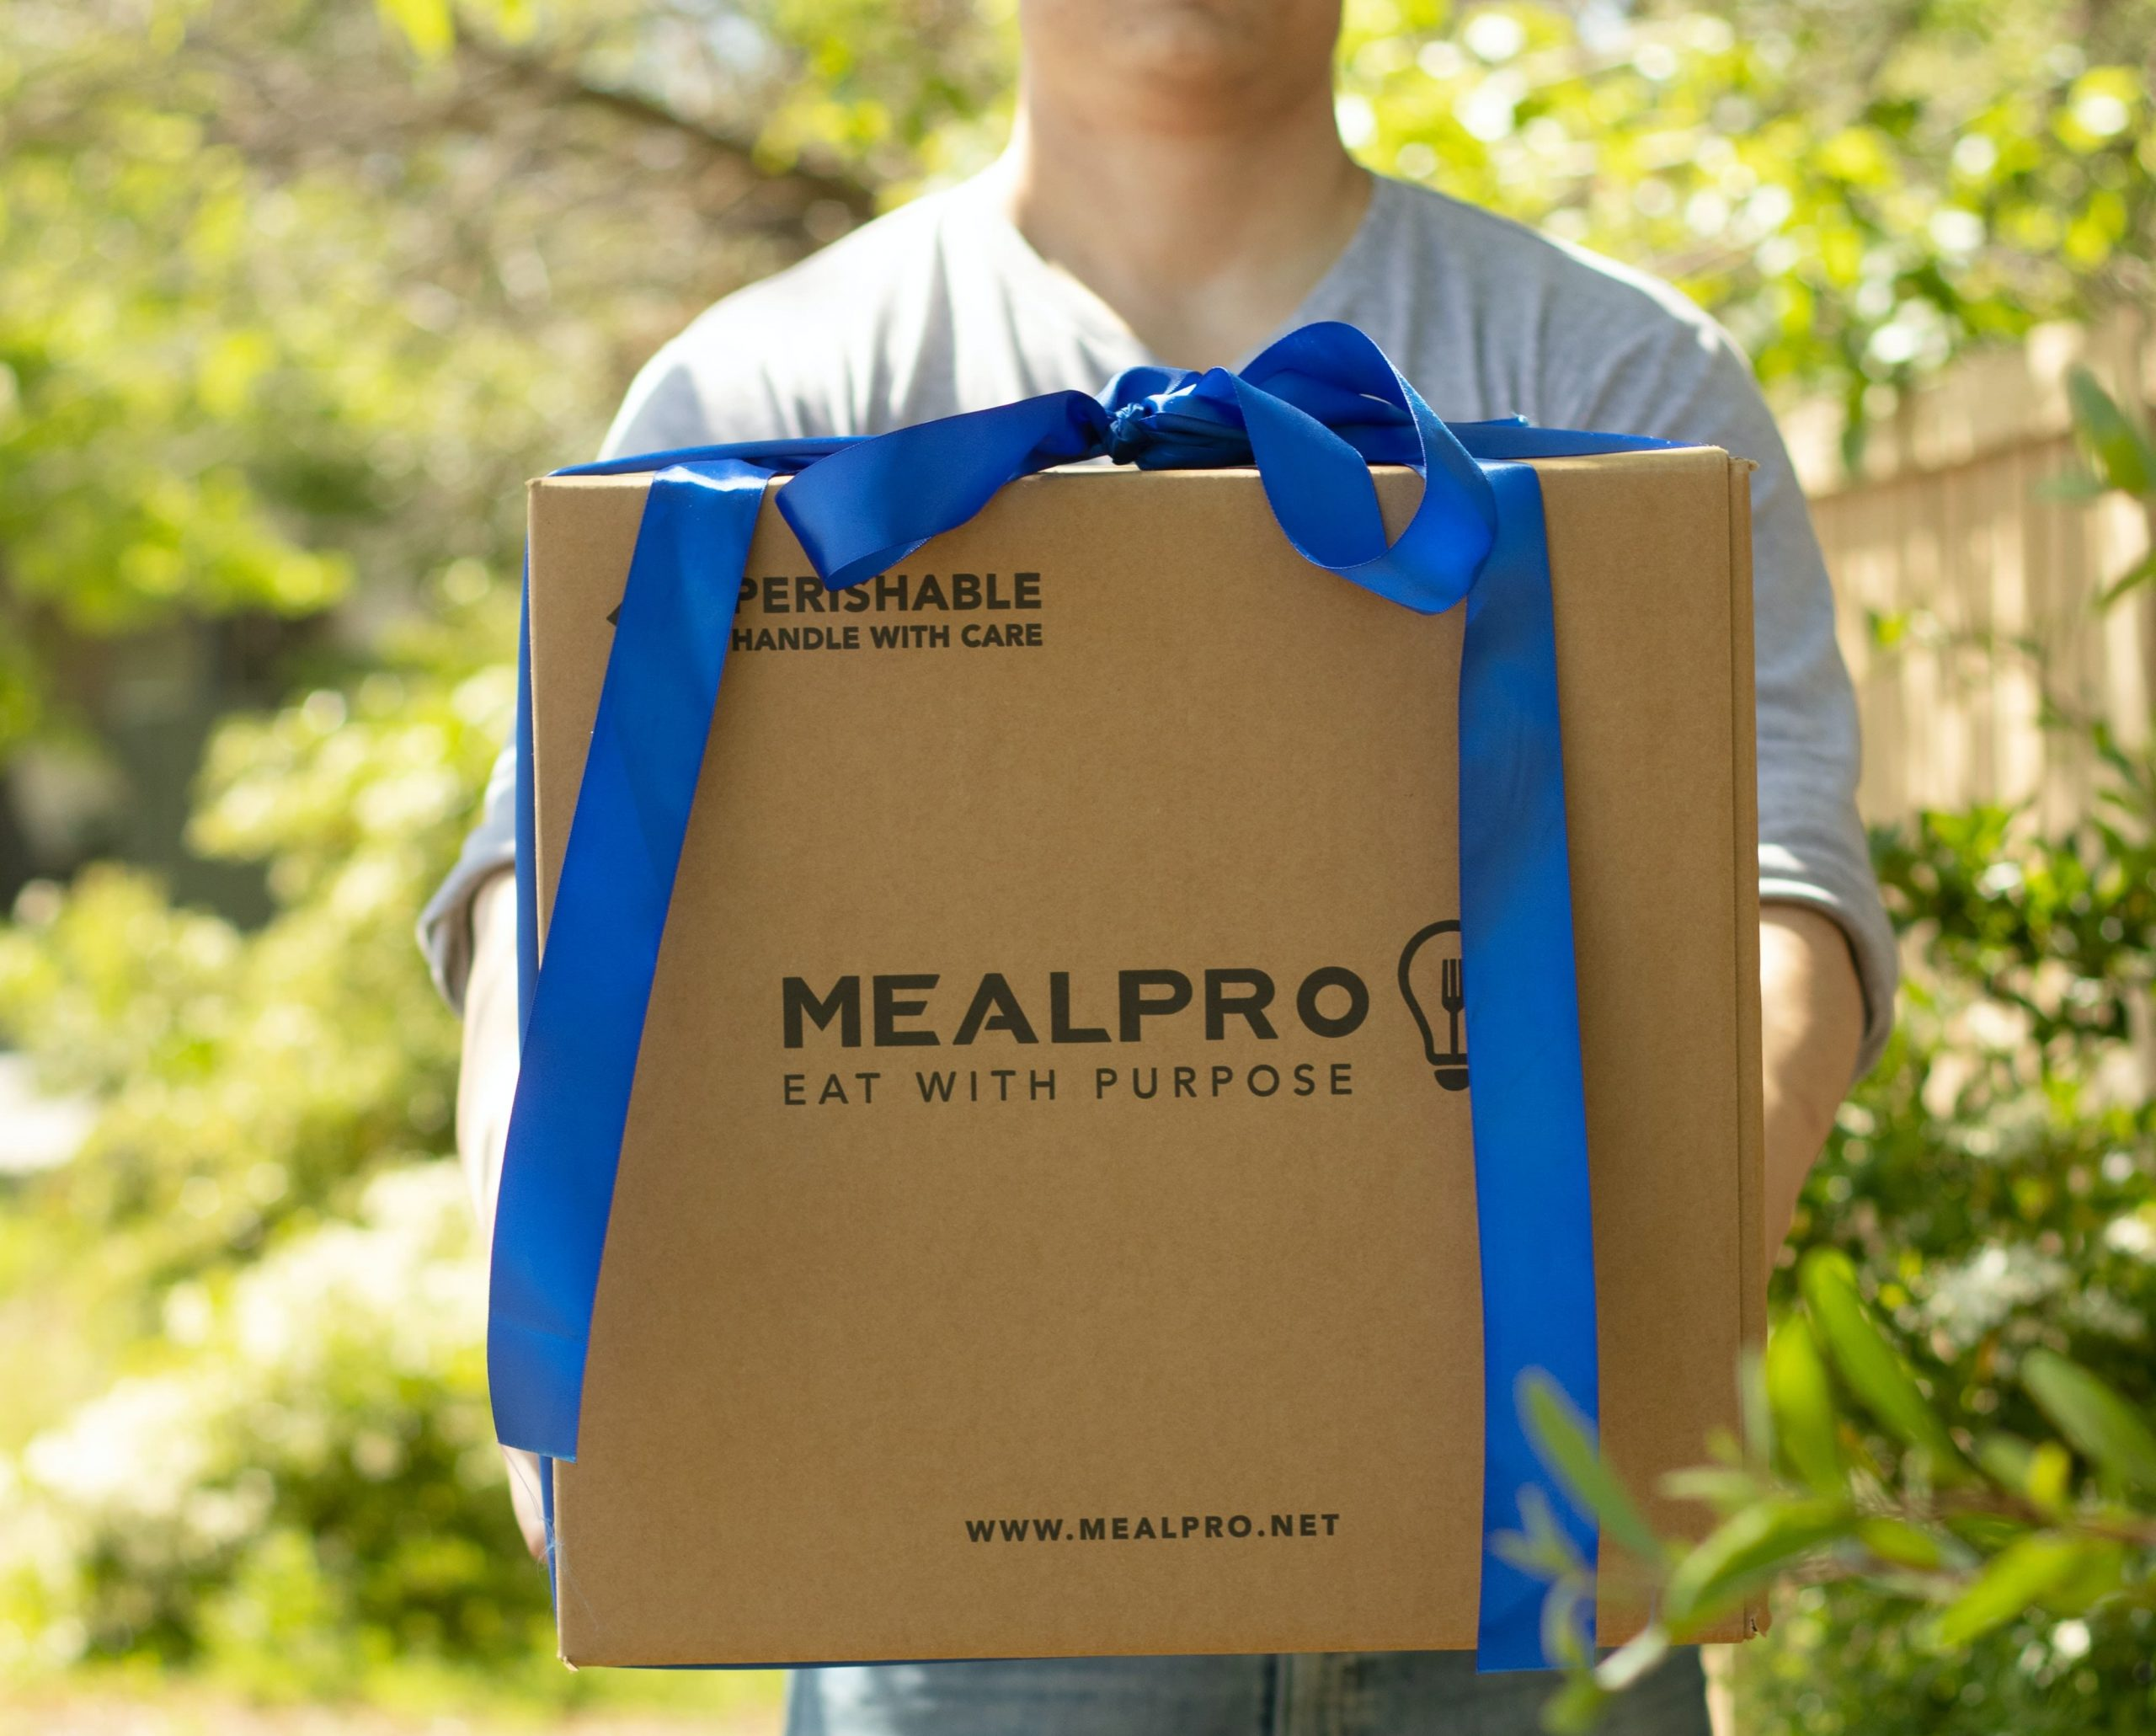 mealpro-dd1M0Ji9xHQ-unsplash-min